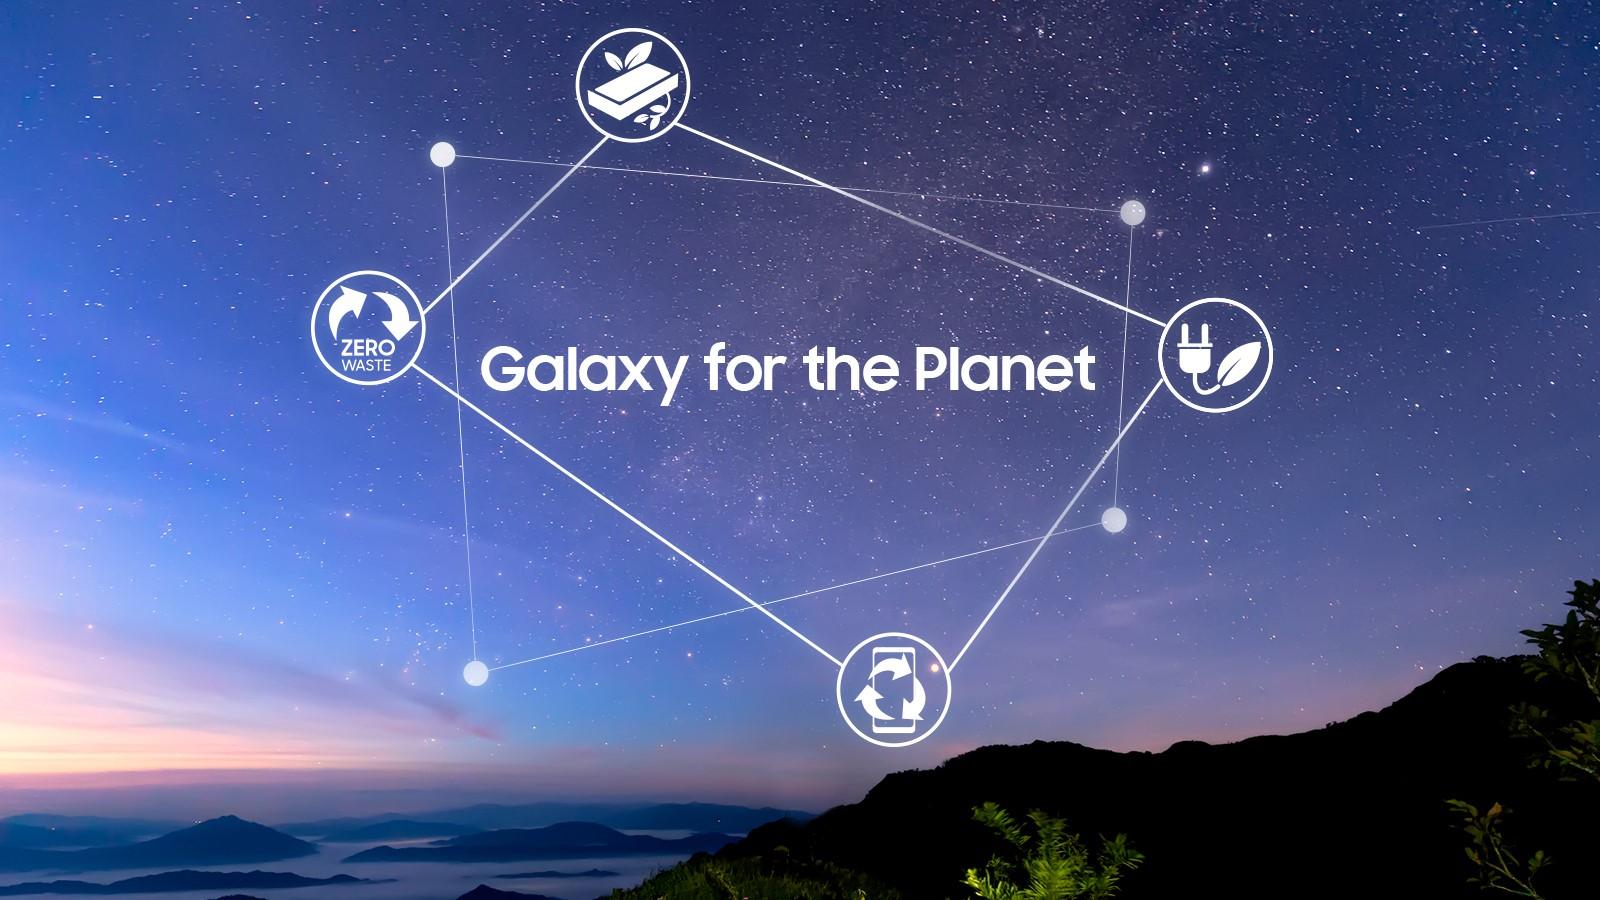 Foto de Samsung Electronics anuncia su visión de sustentabilidad para dispositivos móviles: Galaxy for the Planet